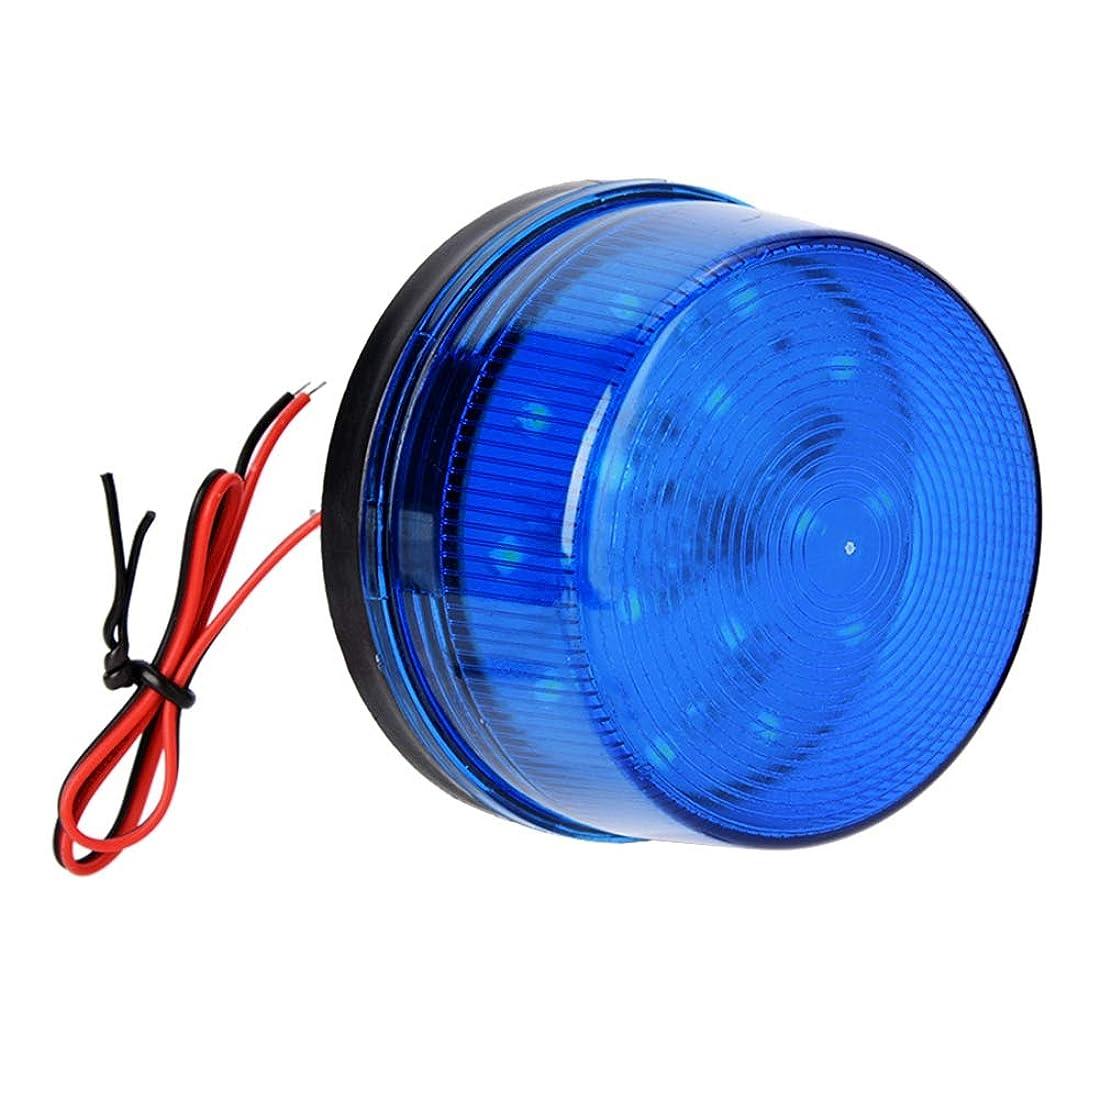 しないでください近々サーキットに行く青い警報信号 12V音の爆発防止のない青いLED ストロボの合図の警報点滅ライト ホームセキュリティー警報システム